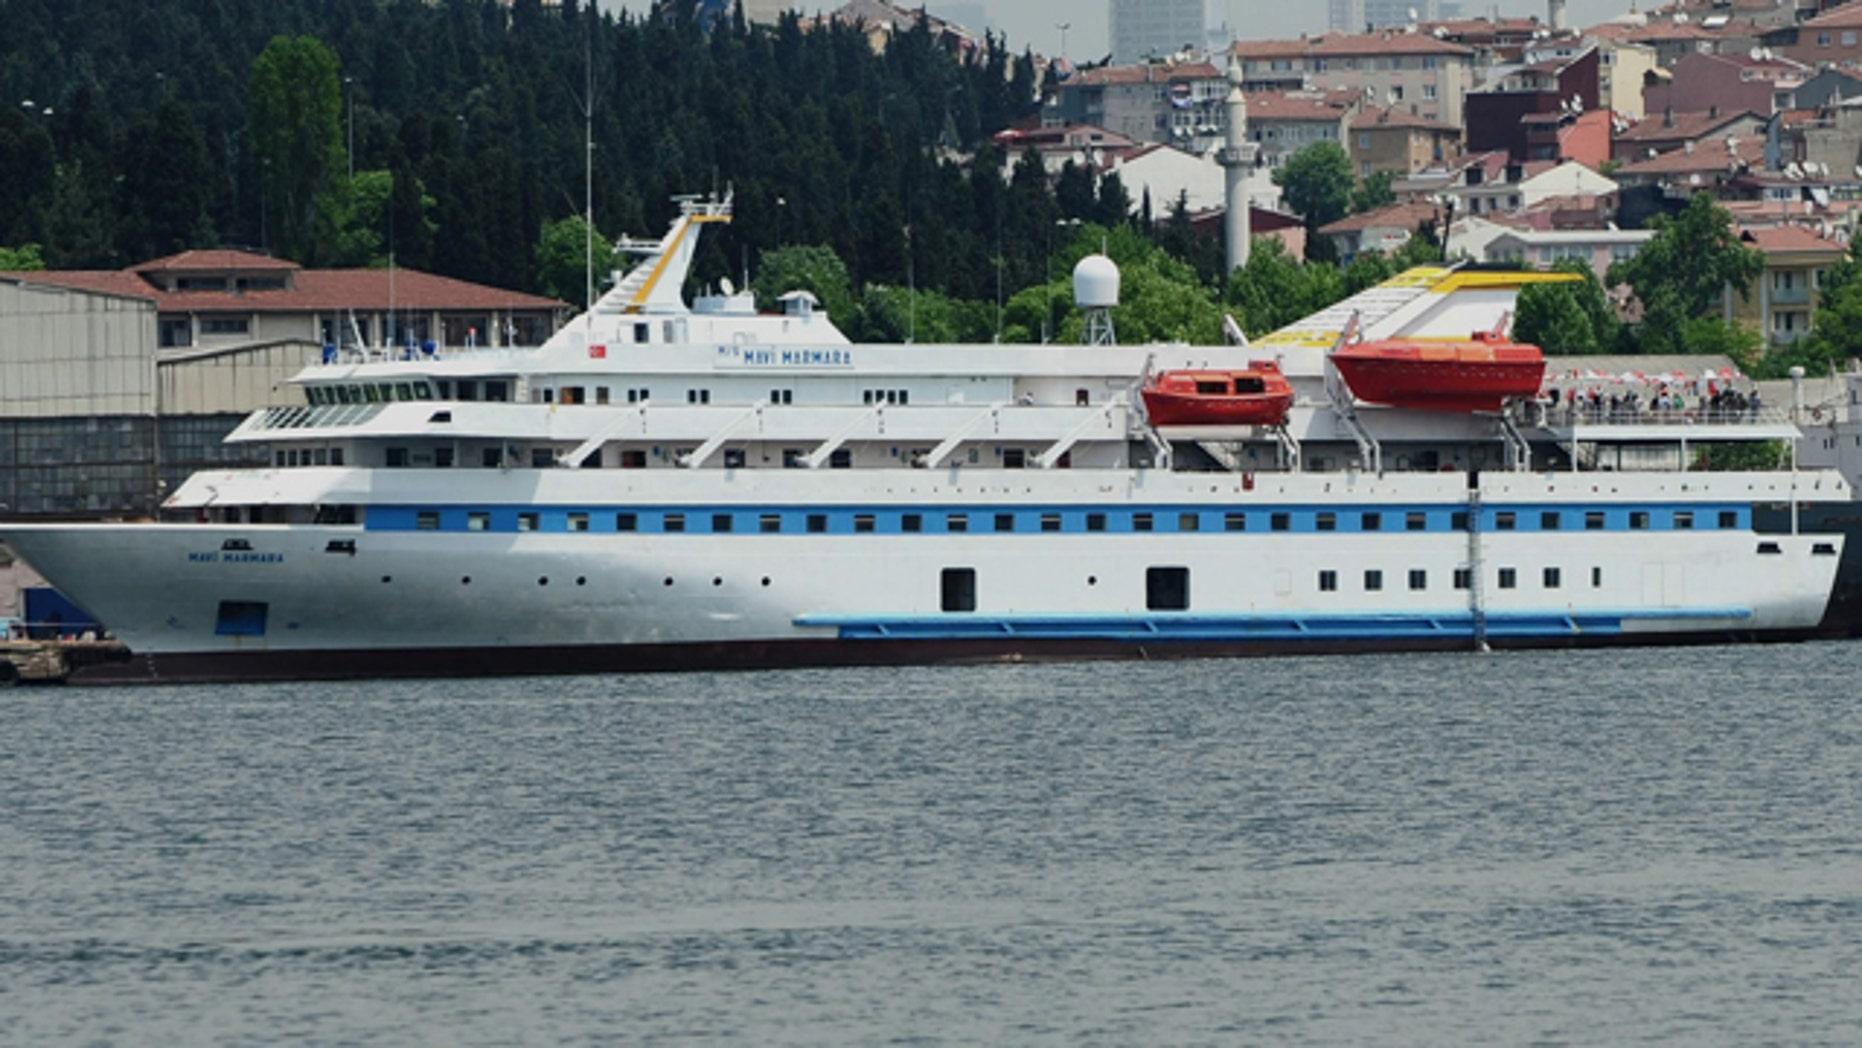 May 30: Turkish aid ship, the Mavi Marmara, is seen in Istanbul, Turkey.